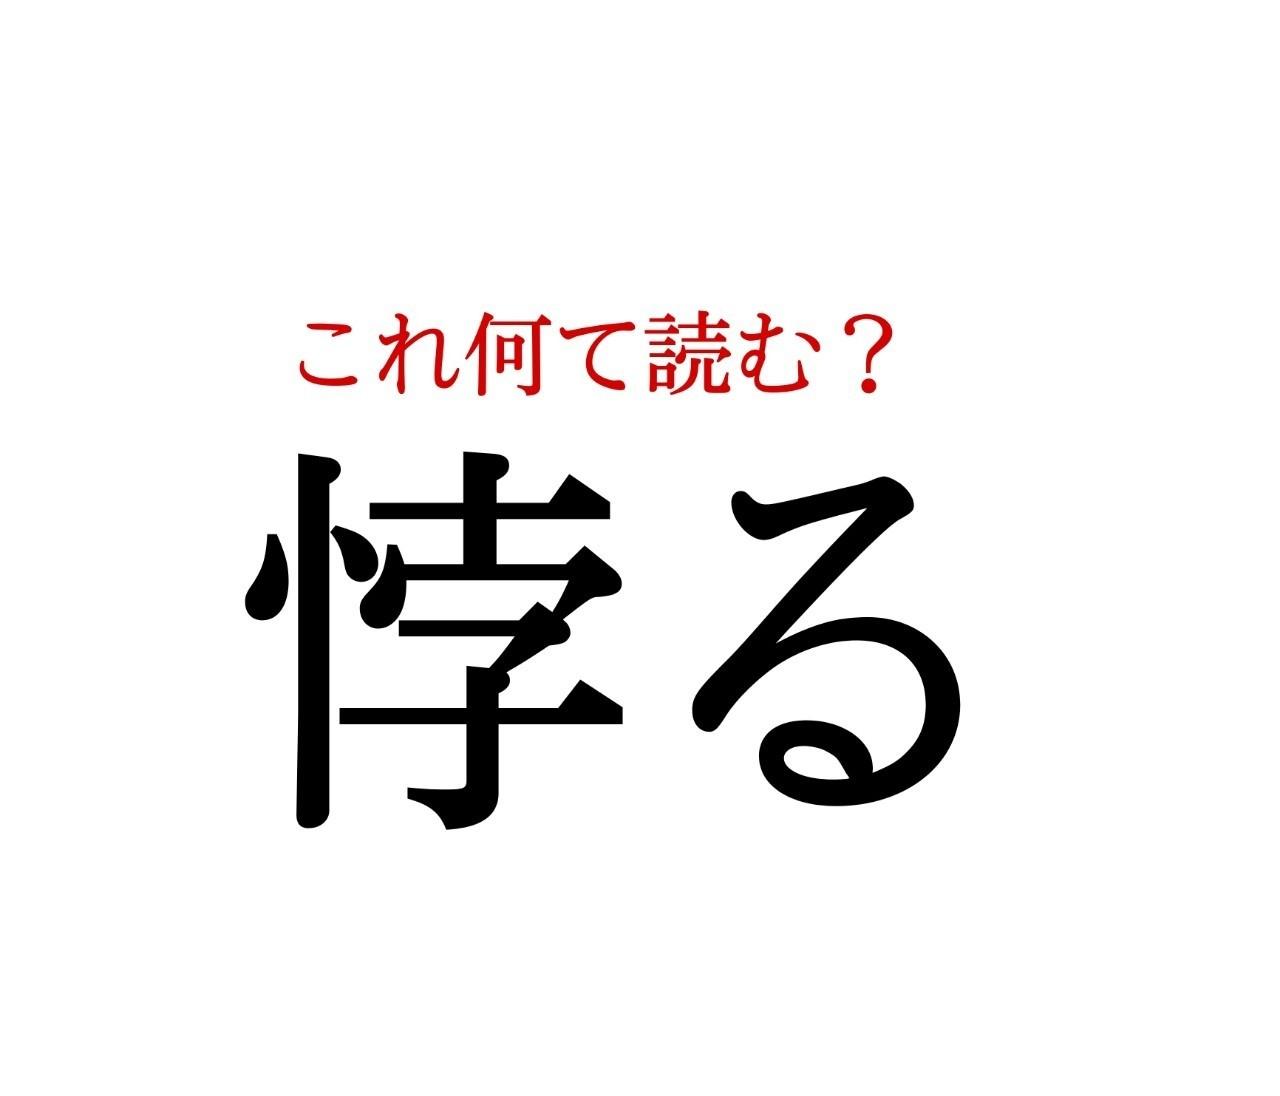 「悖る」:この漢字、自信を持って読めますか?【働く大人の漢字クイズvol.282】